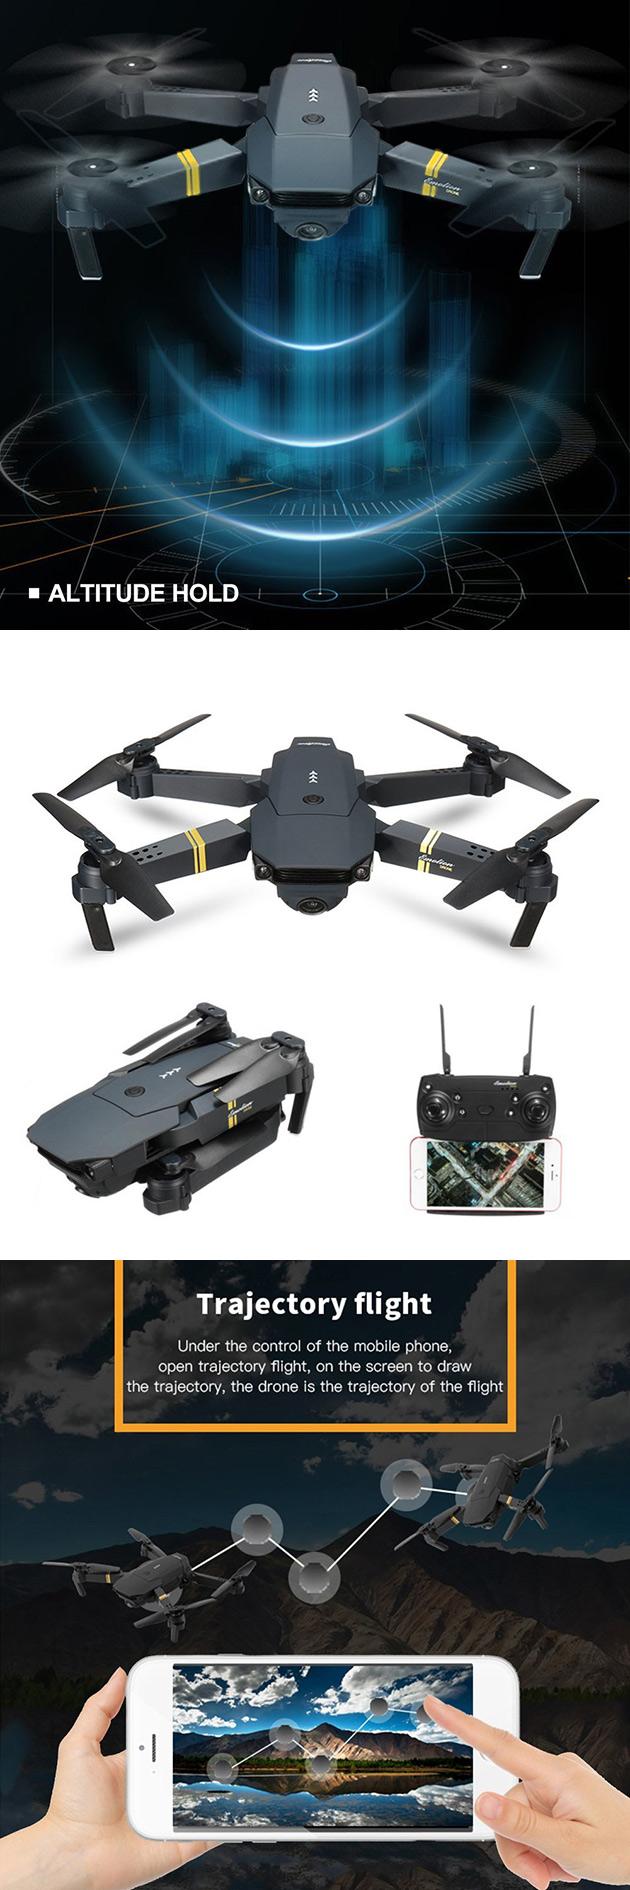 Não Pagar us $80, Obter o DJI Mavic Pro-Inspirado EACHINE E58 de Dobramento de Drones, para us $59.24 Enviado - Somente Hoje